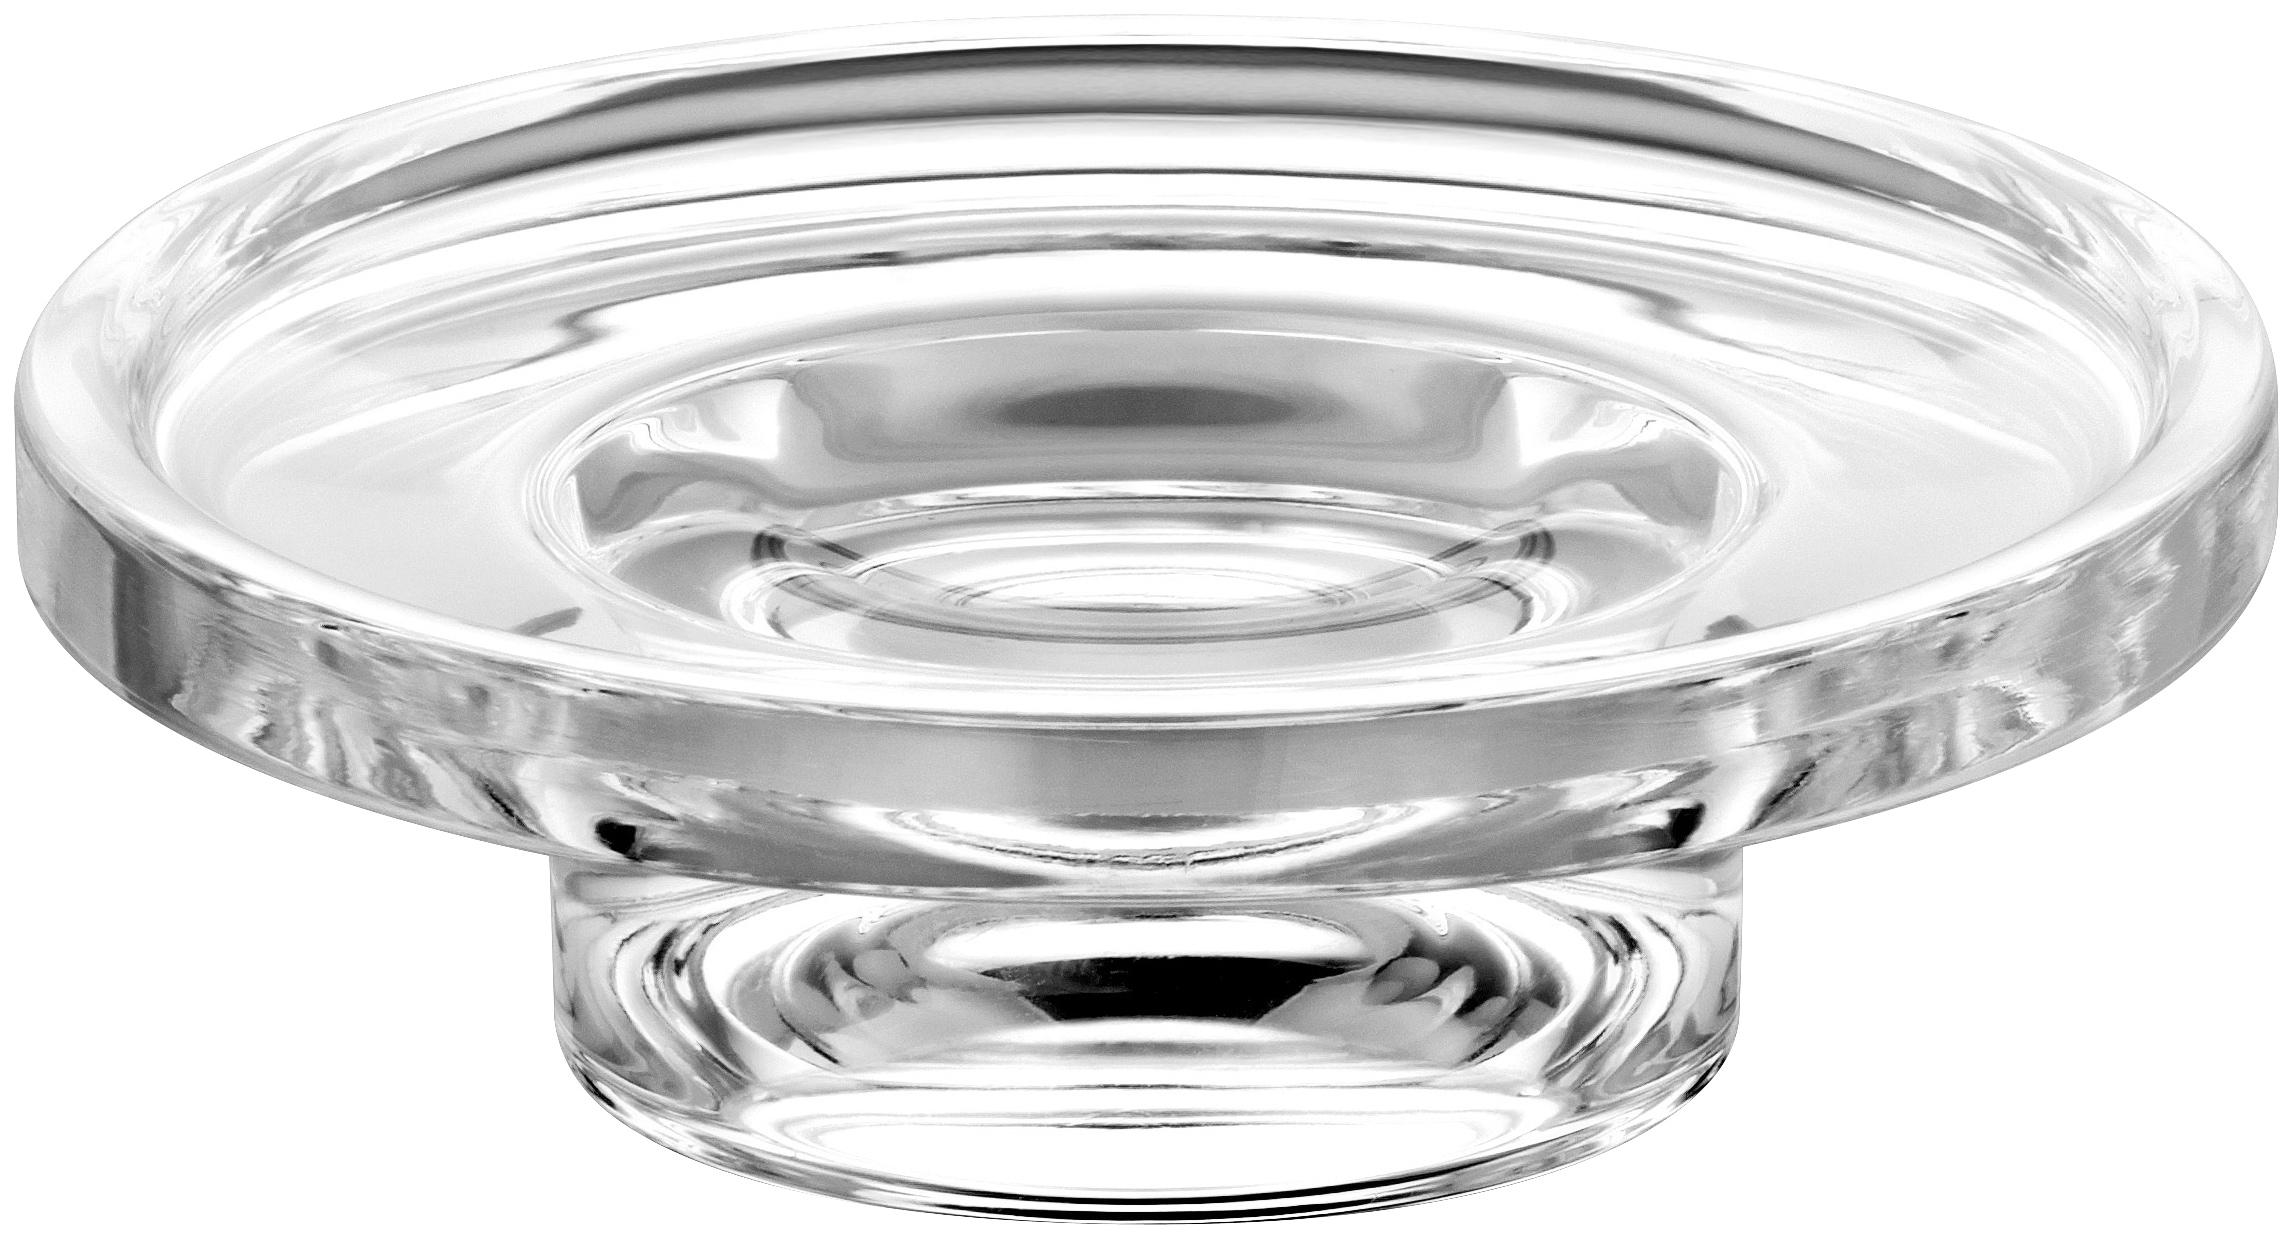 KEUCO Seifenschale, Echtkristall-Glas, lose